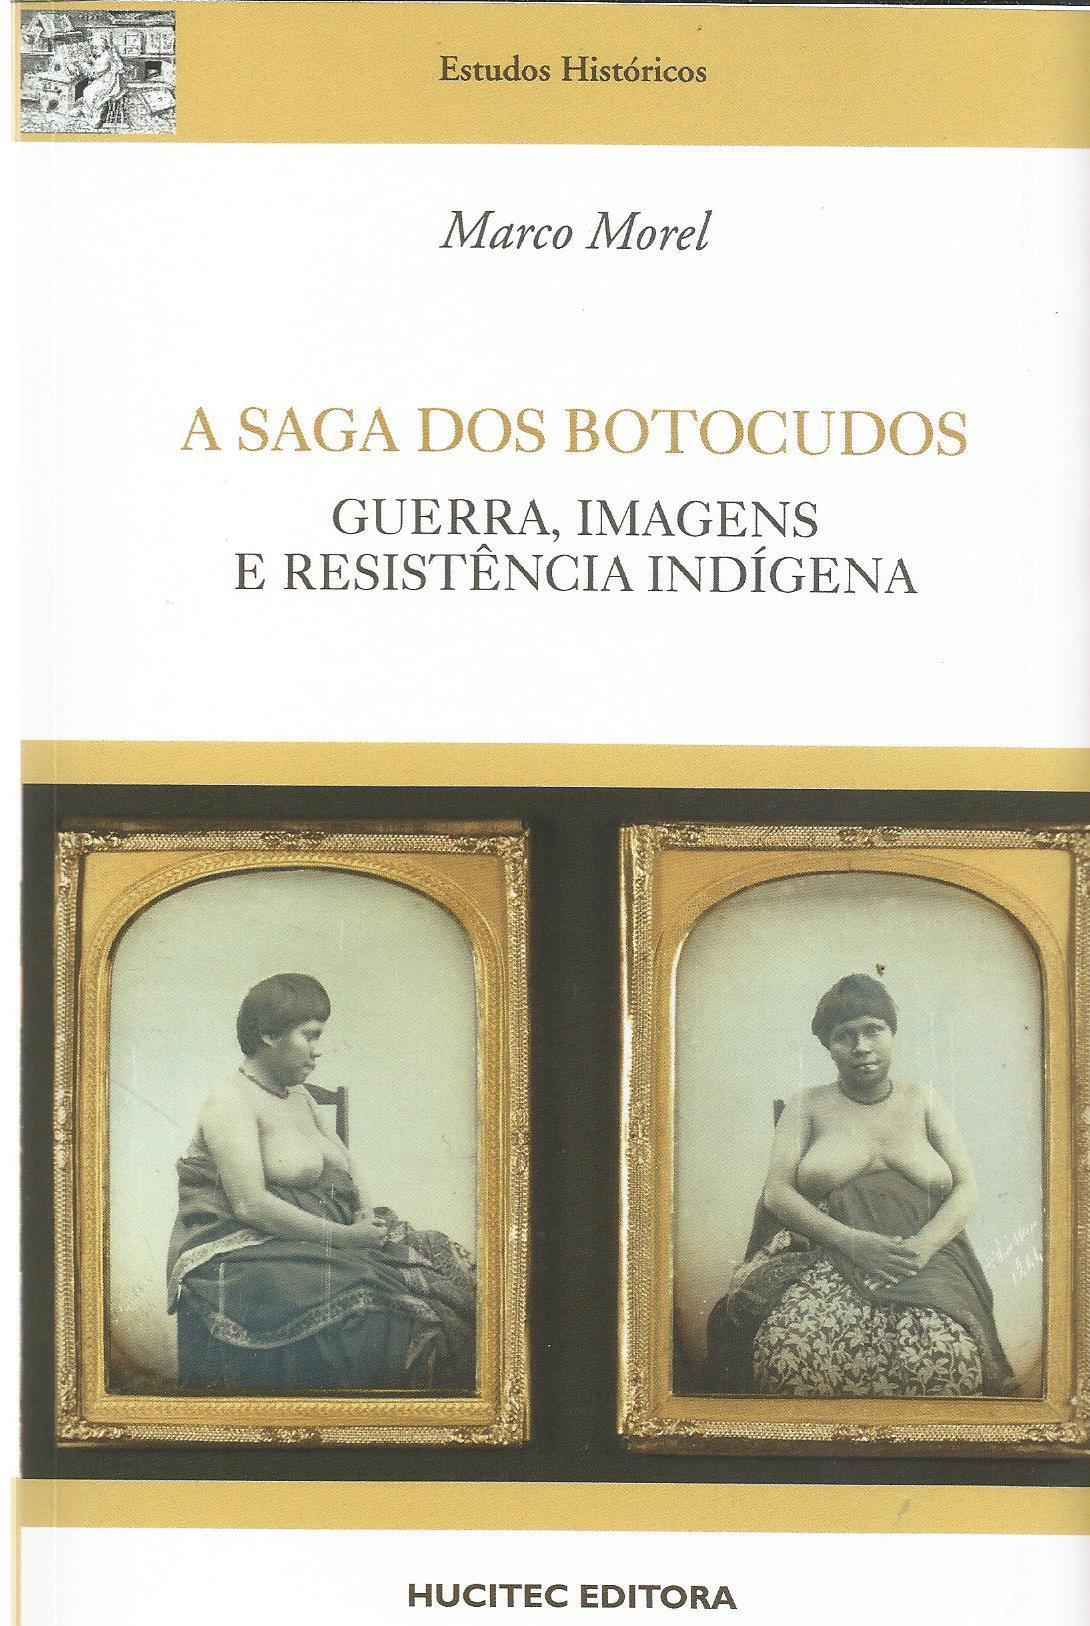 aborda historicamente a tradição de violência na sociedade brasileira (infelizmente cada vez mais atual), assim como os caminhos de resistência